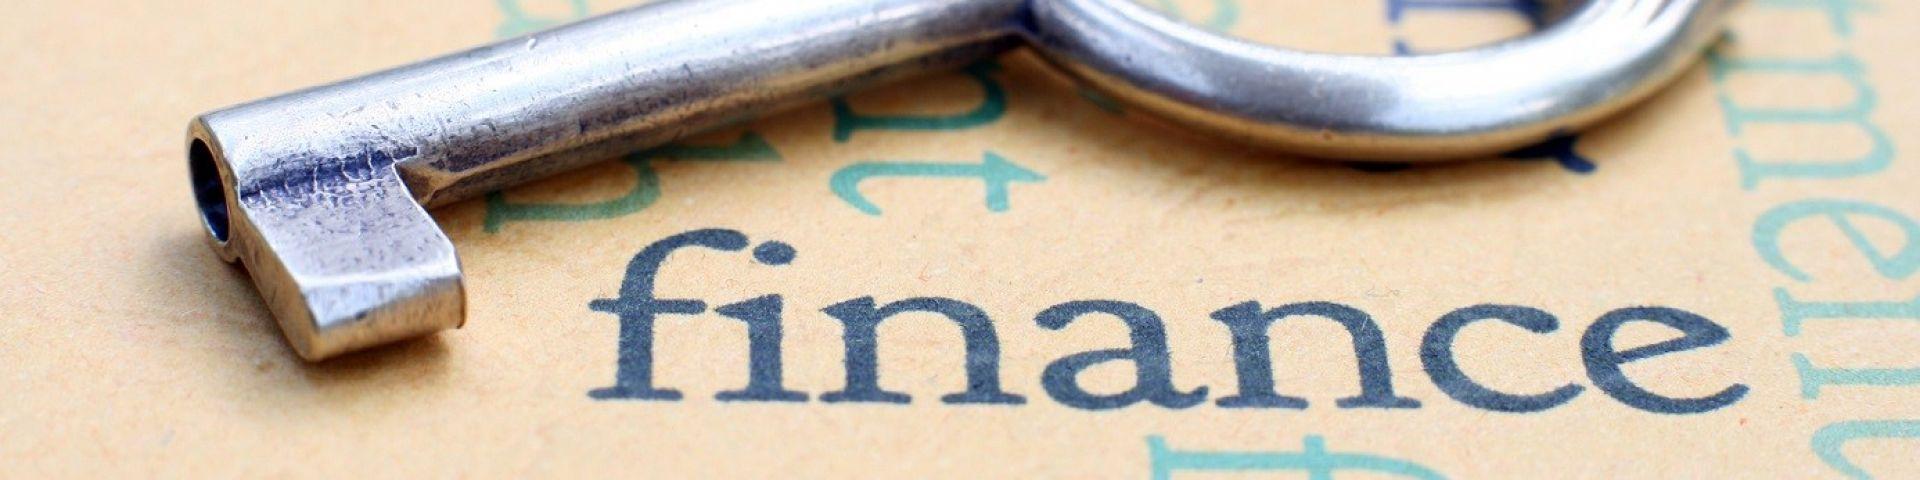 apsolutna ograničenja upoznavanja datiranje ciljeva i težnji